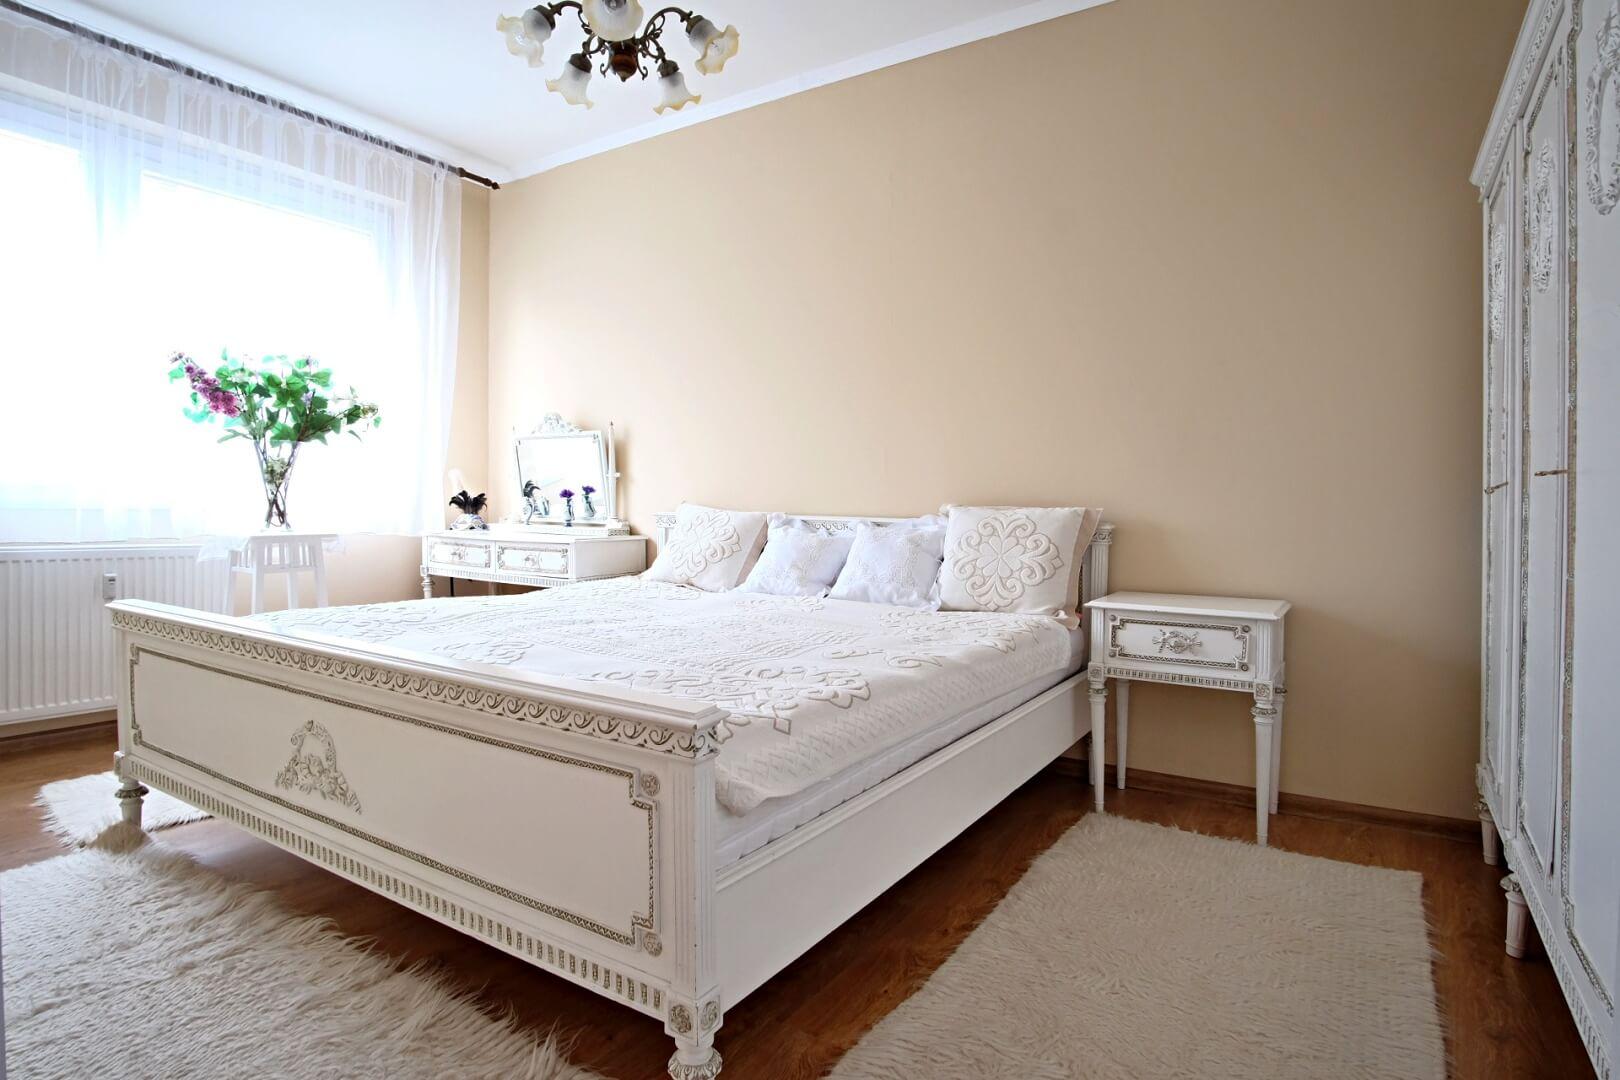 Predané: Na predaj príjemný 3 izbový byt so zmenenou dispozíciou s výhľadom do veľkého parku-0